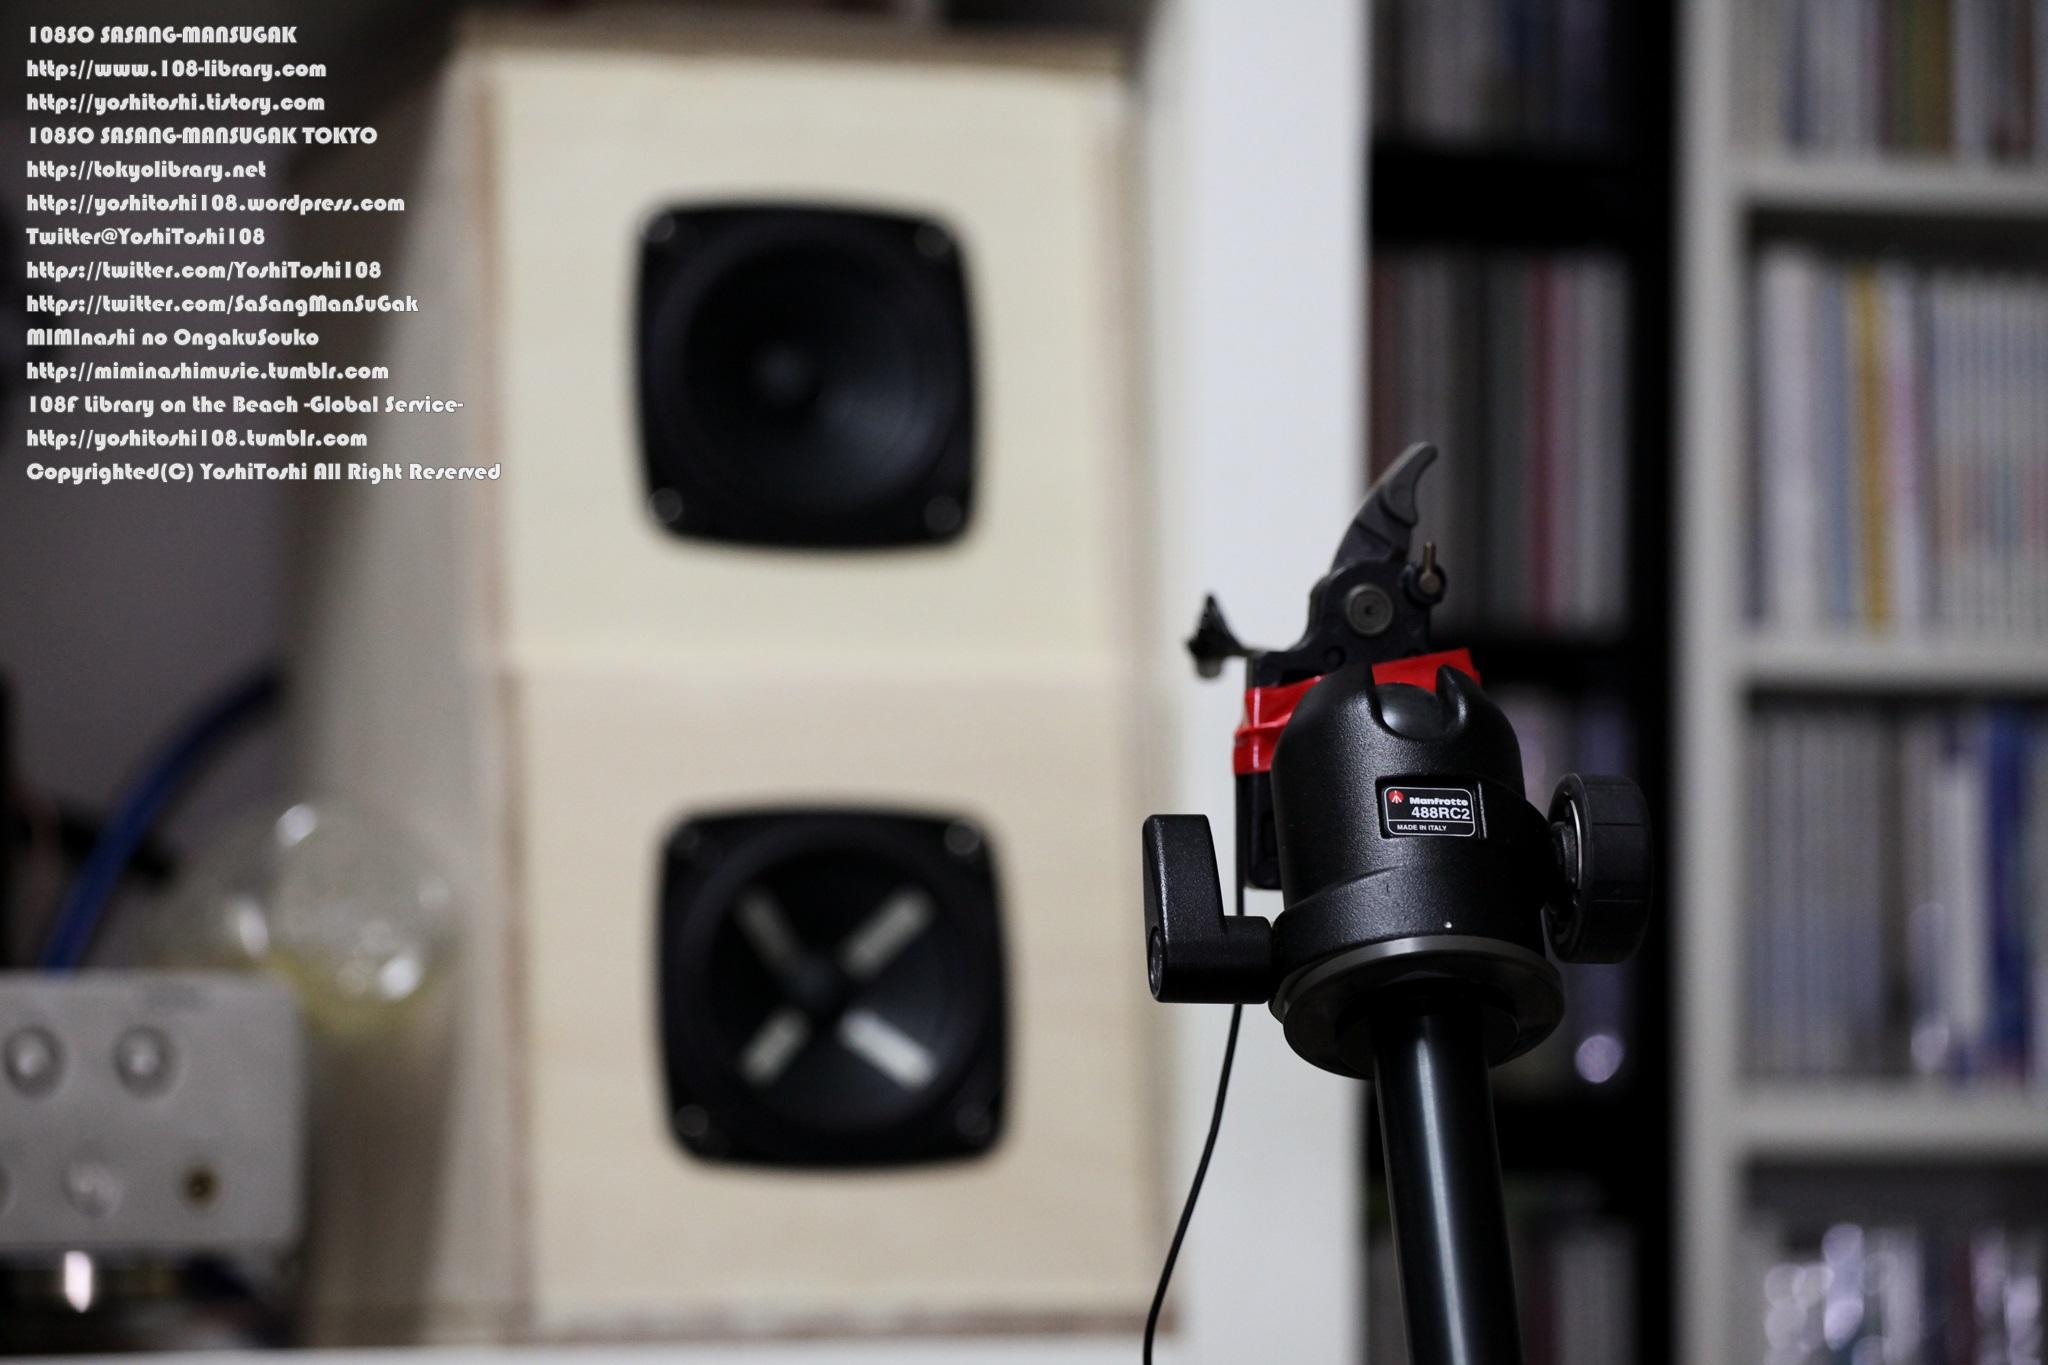 交差配置専用機 自作スピーカー 新型 周波数特性 測定